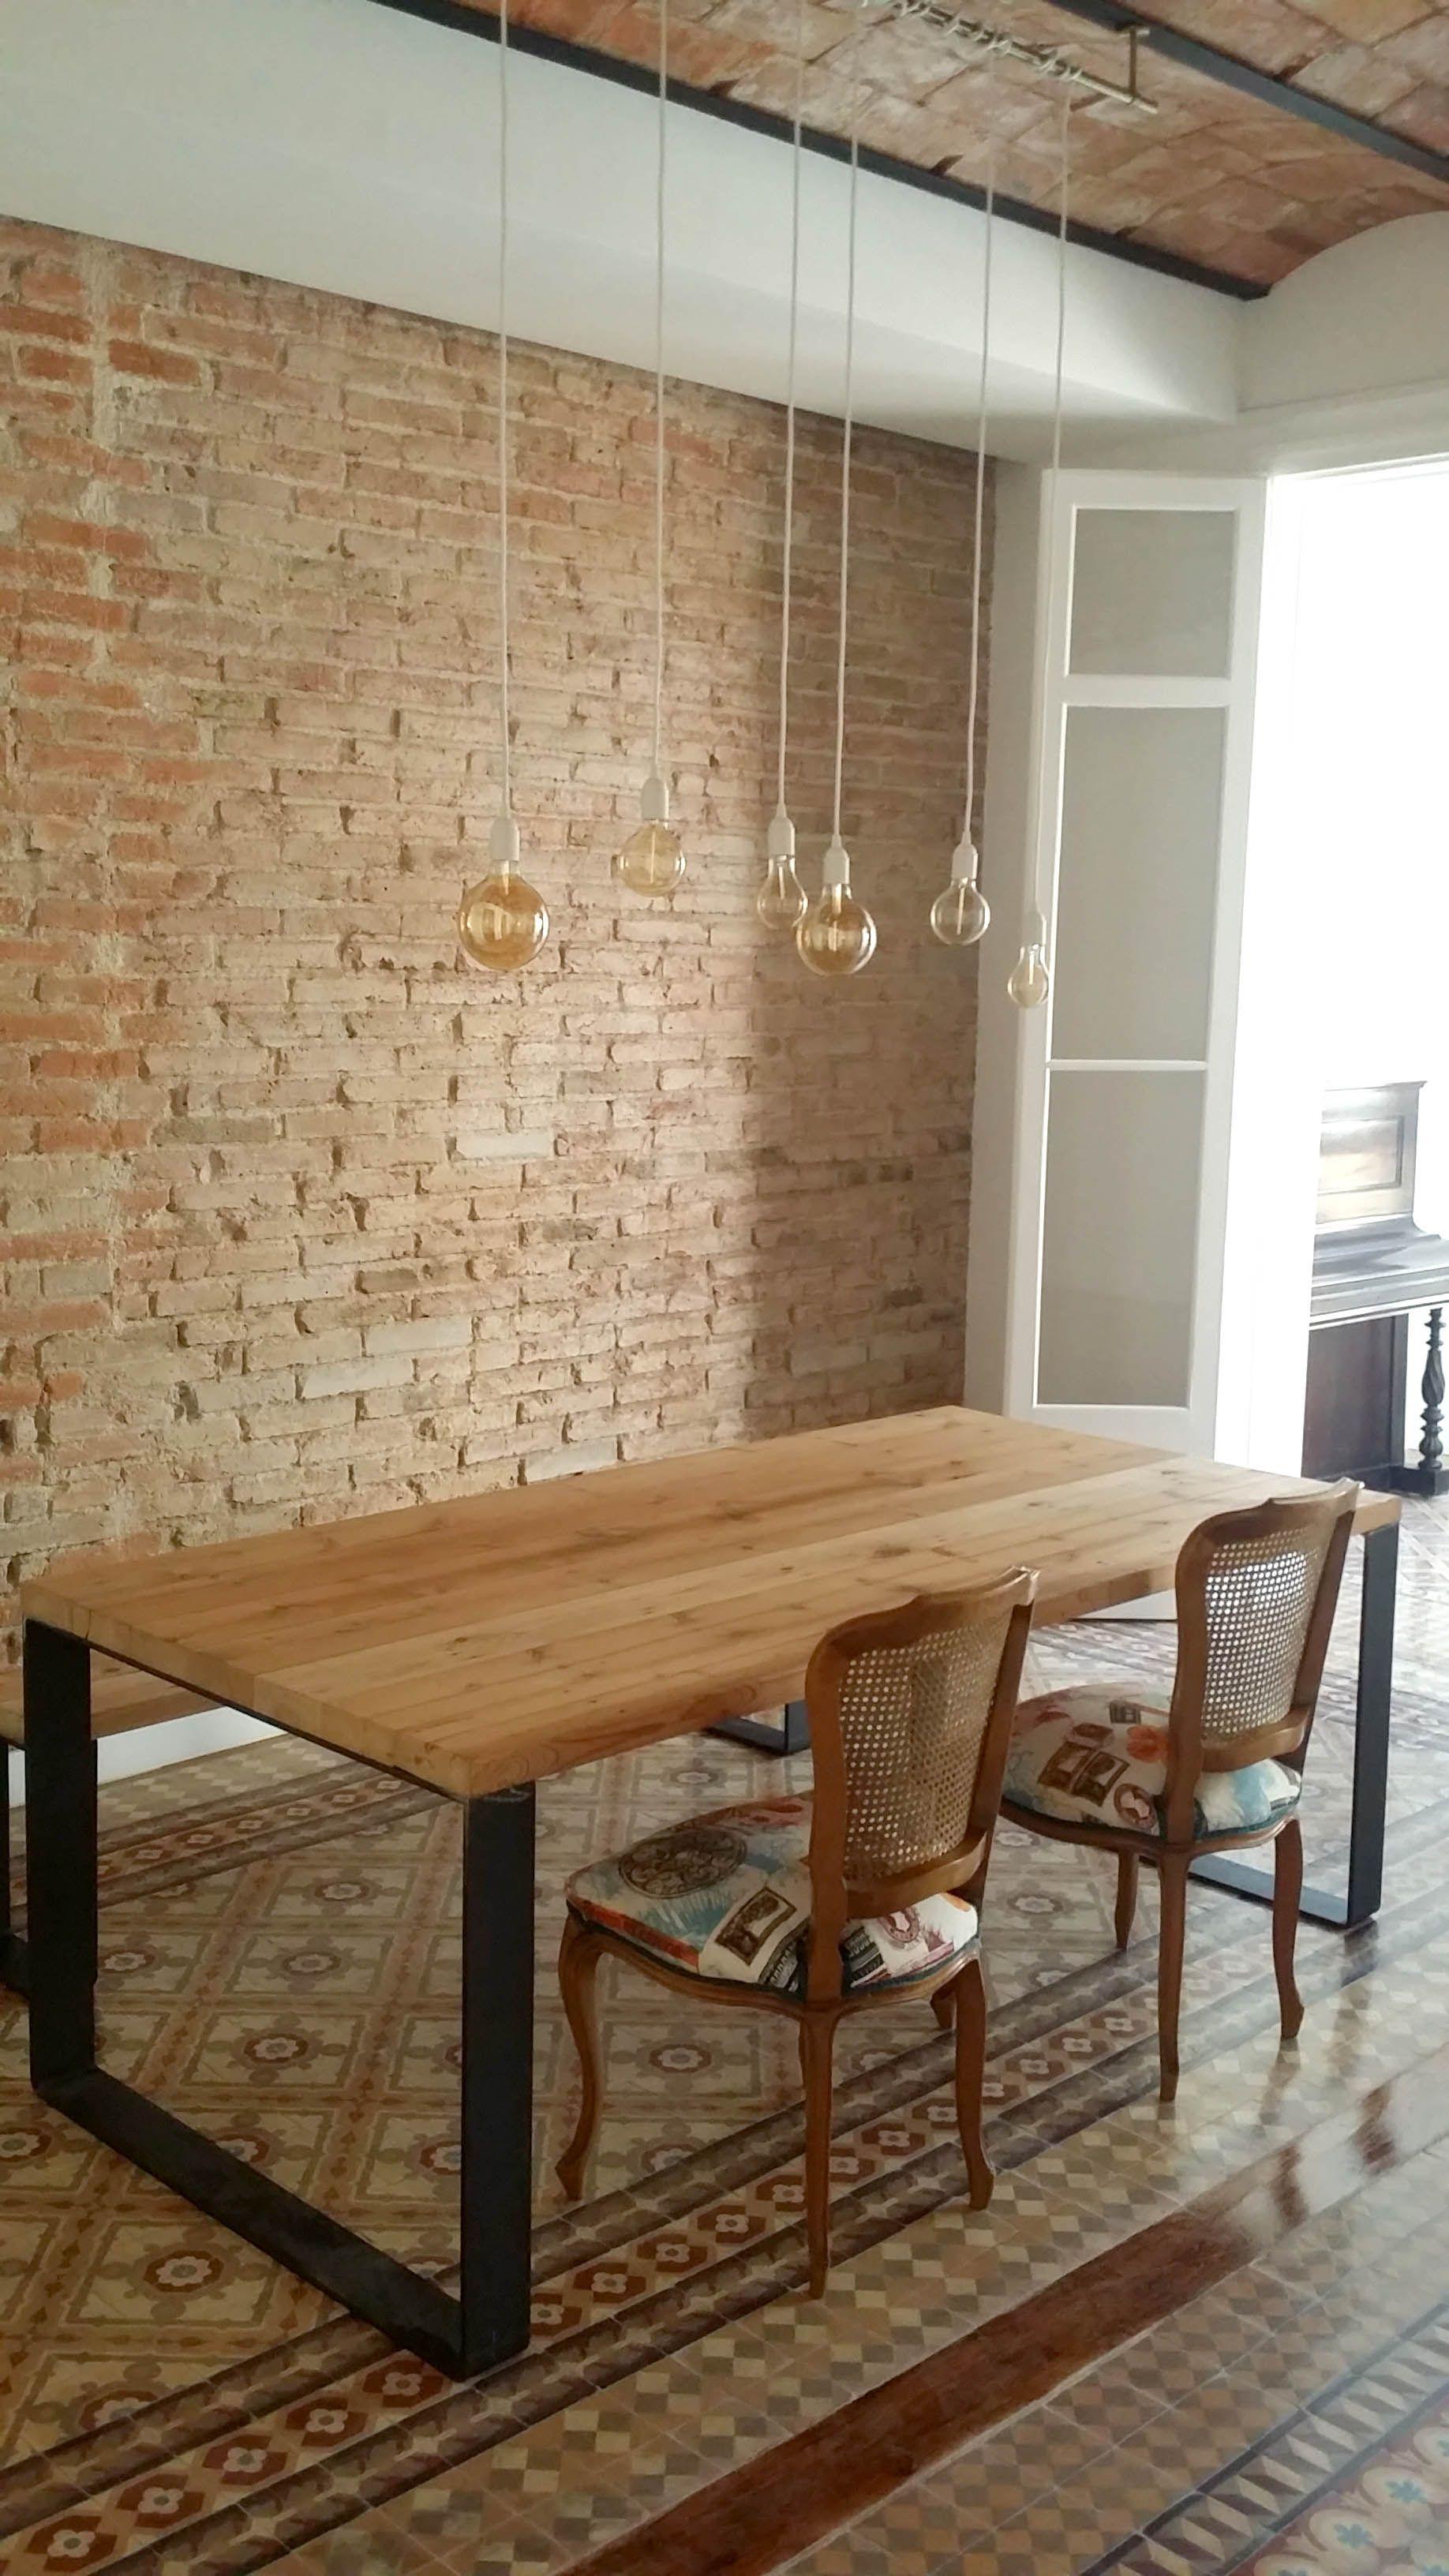 Muebles fabricados a mano con maderas: Pino de Flandes, Reciclada ...